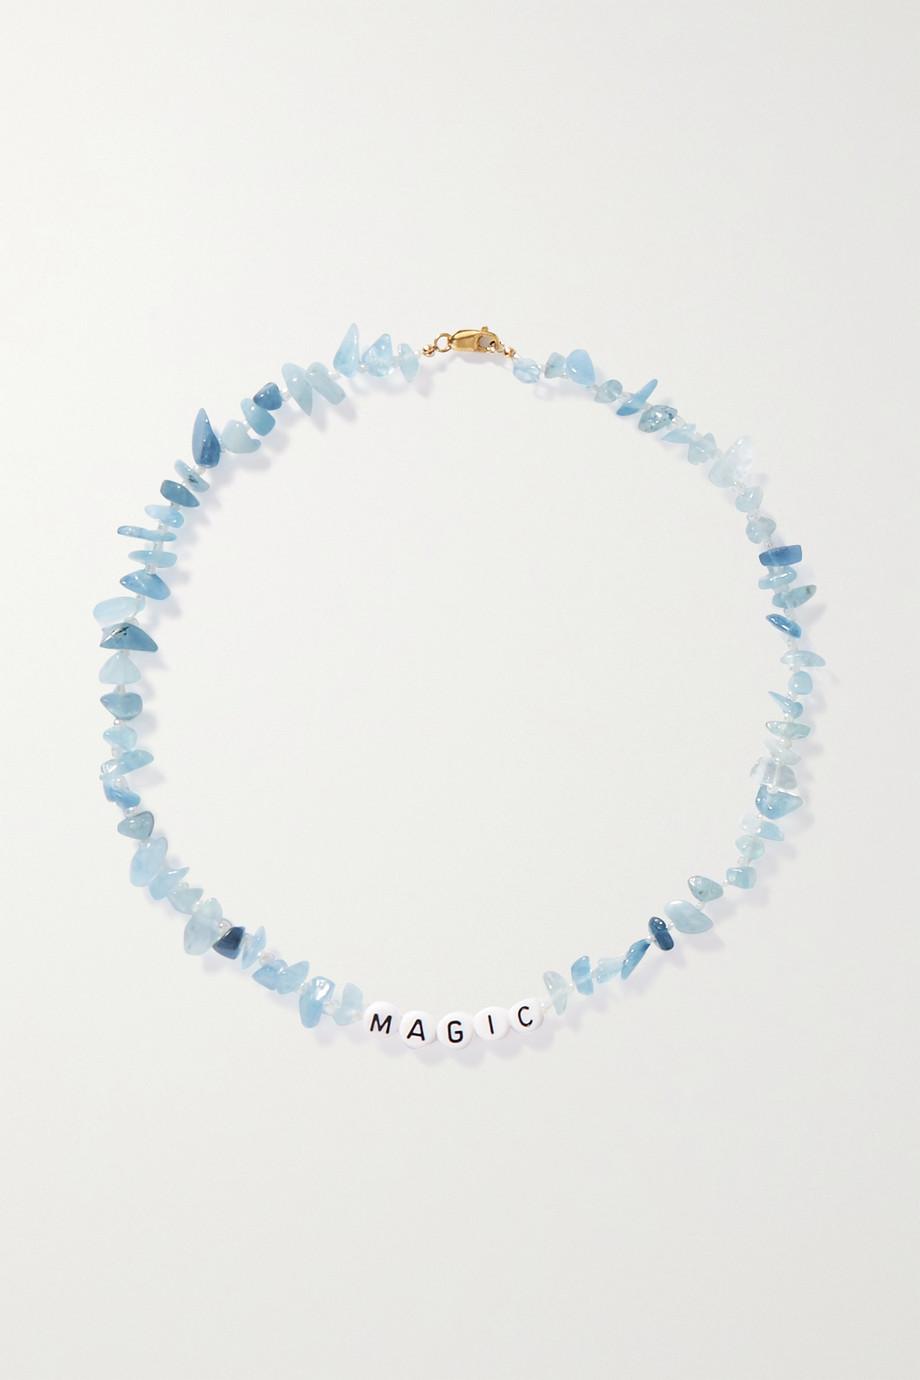 TBalance Crystals Magic Kette mit Aquamarinen, Emaille und Details aus Gold